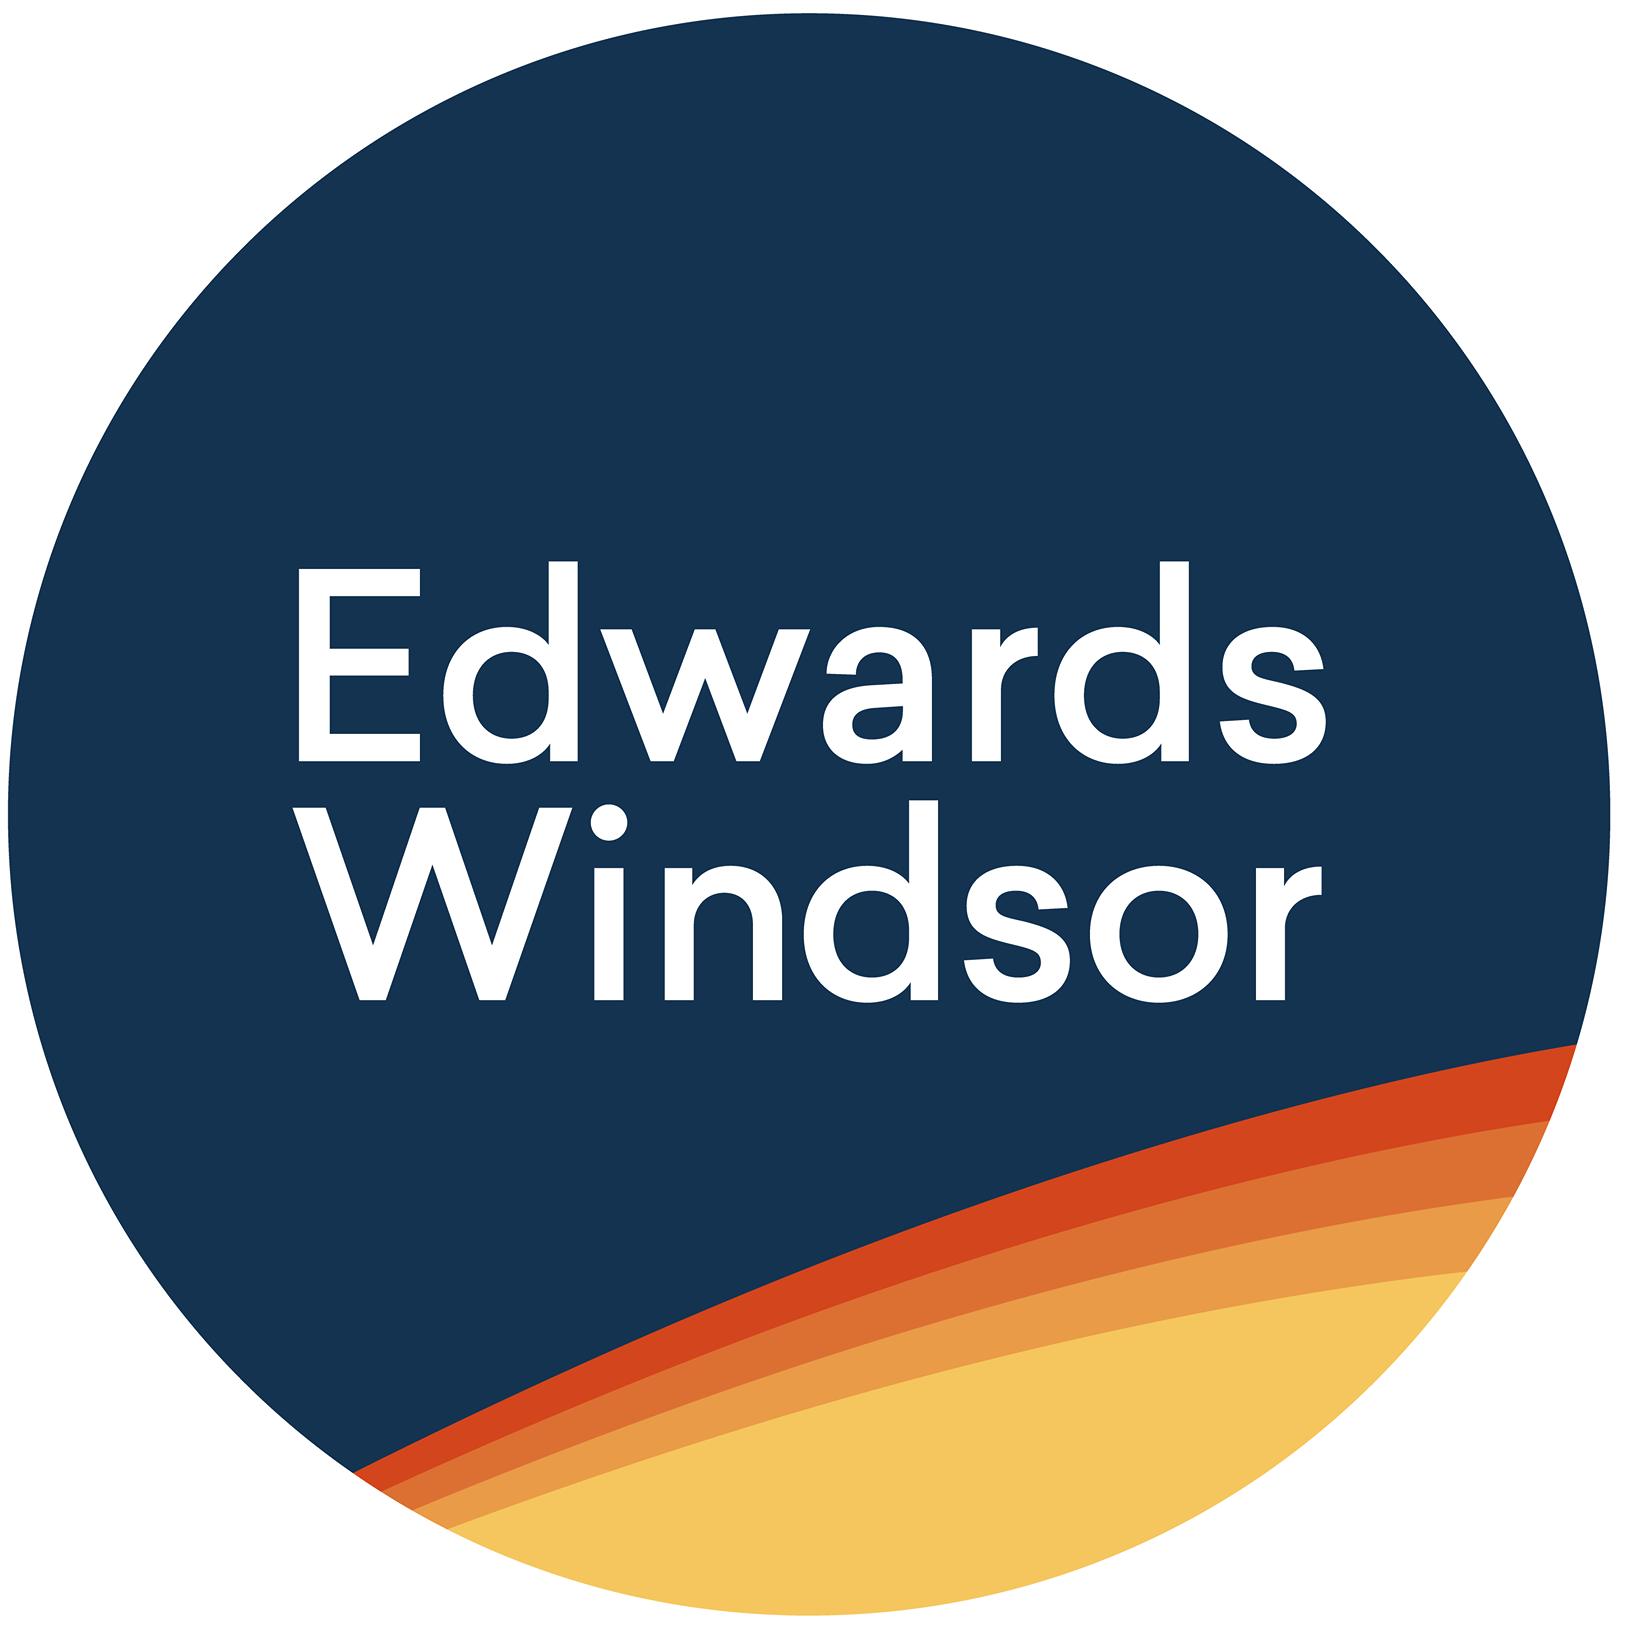 Edwards Windsor